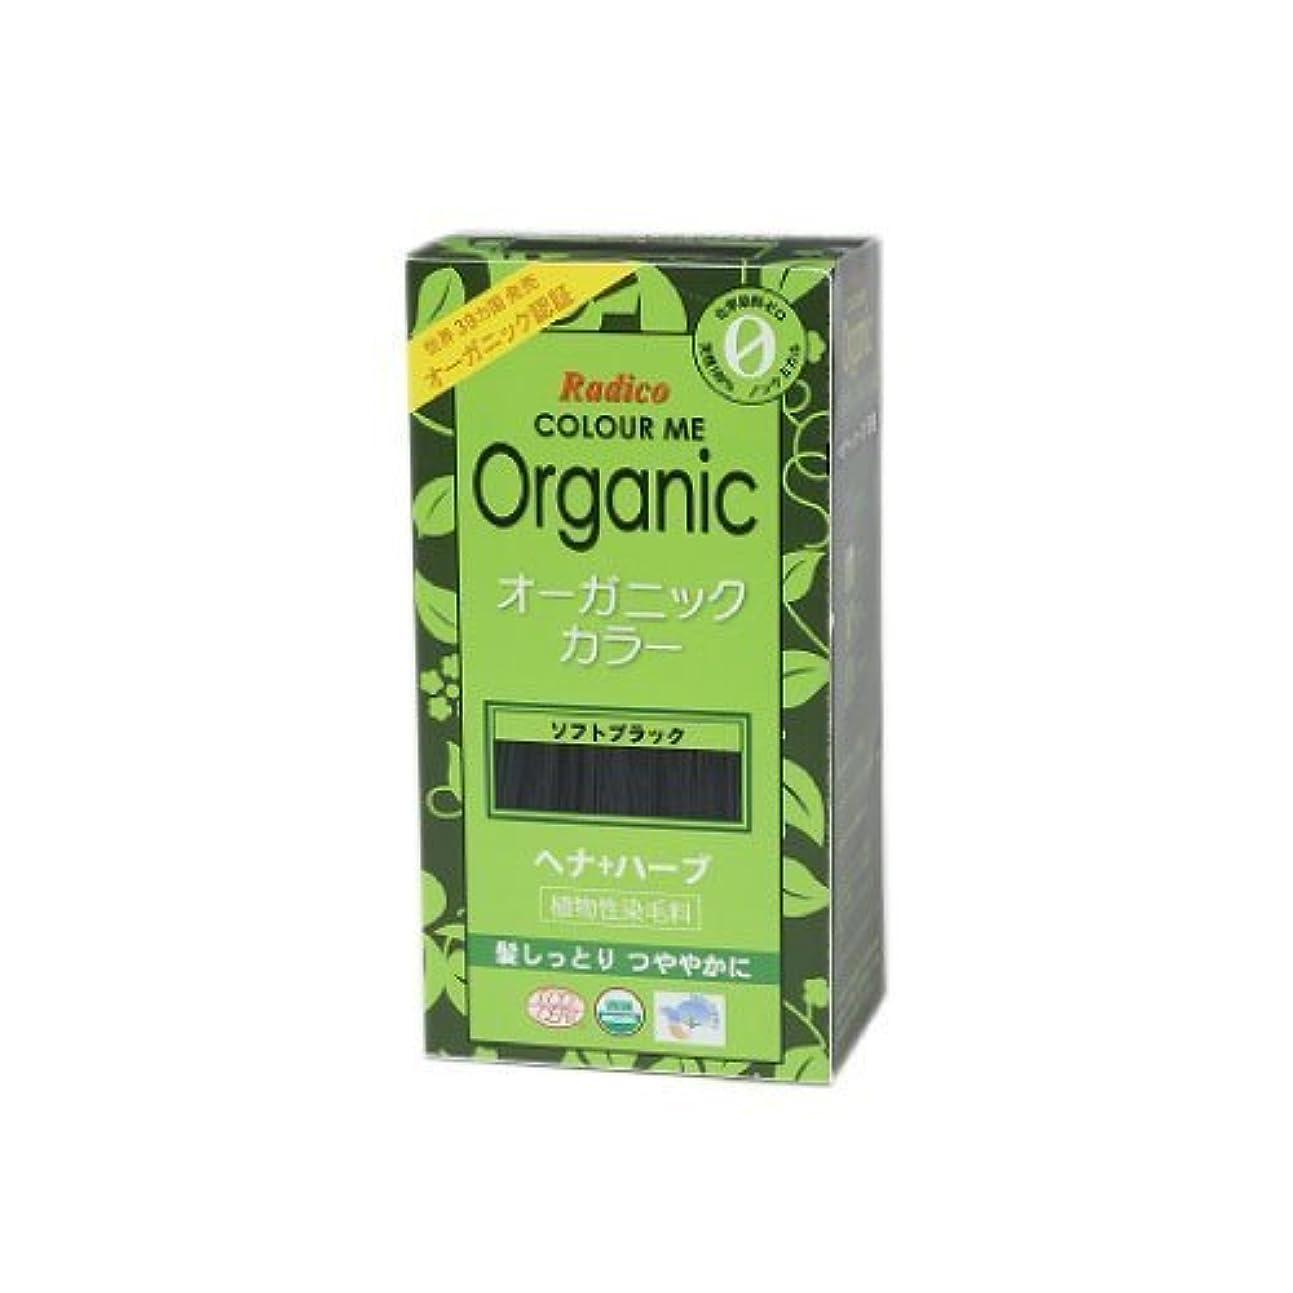 求めるラブ名前を作るCOLOURME Organic (カラーミーオーガニック ヘナ 白髪用 髪色戻し) ソフトブラック 100g